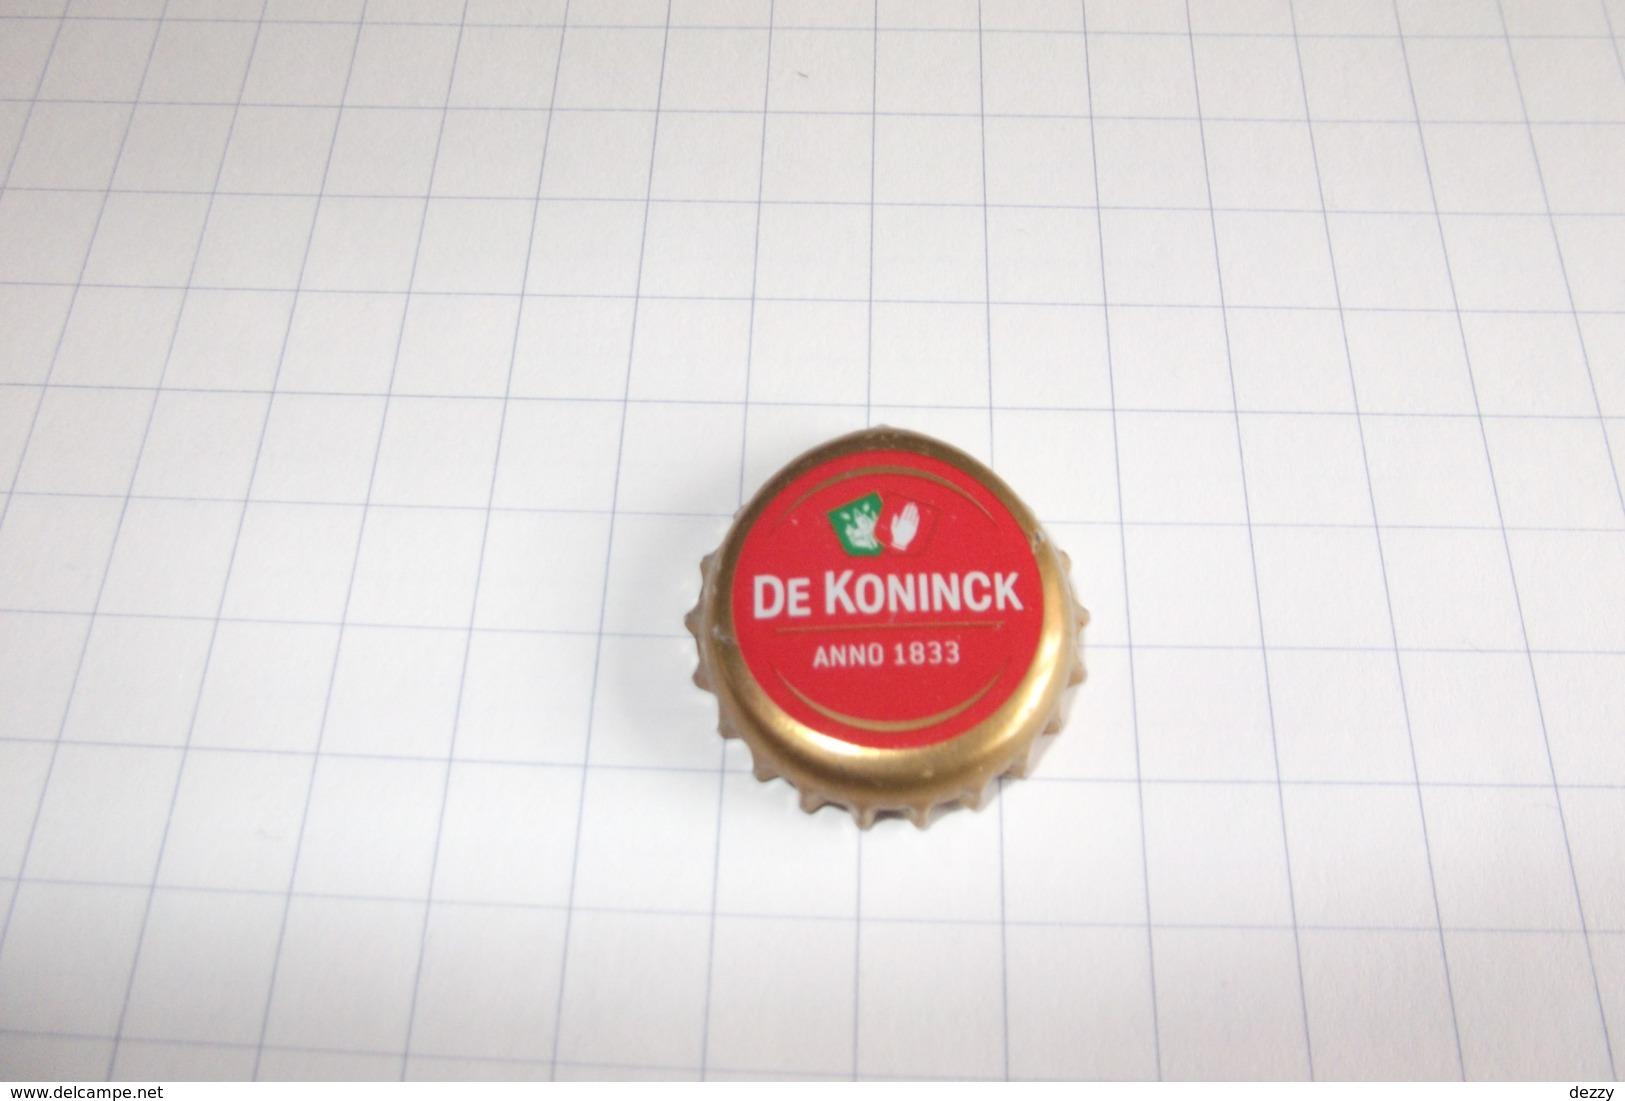 BEERCAPS BELGIUM/BIERDOPPEN BELGIË : De Koninck, Anno 1833 Amber Ambrée - Beer